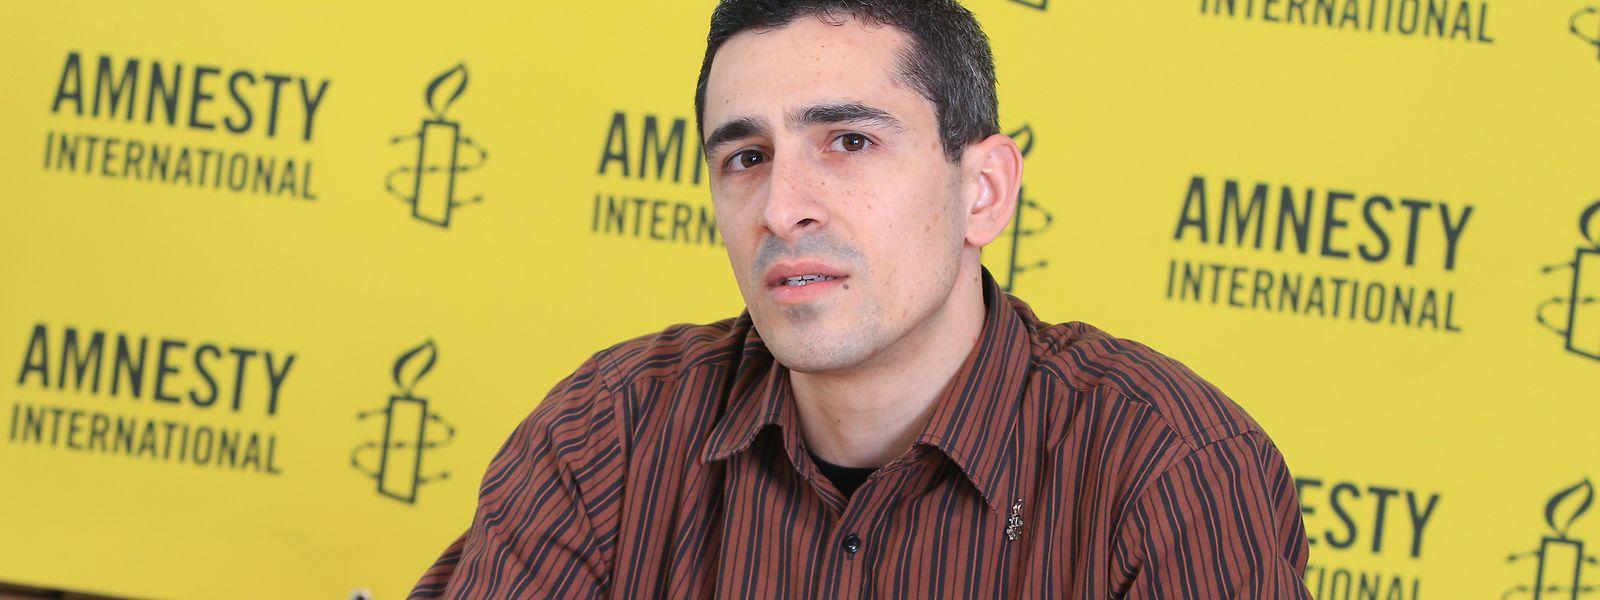 David Pereira, presidente da Amnistia Internacional Luxemburgo.